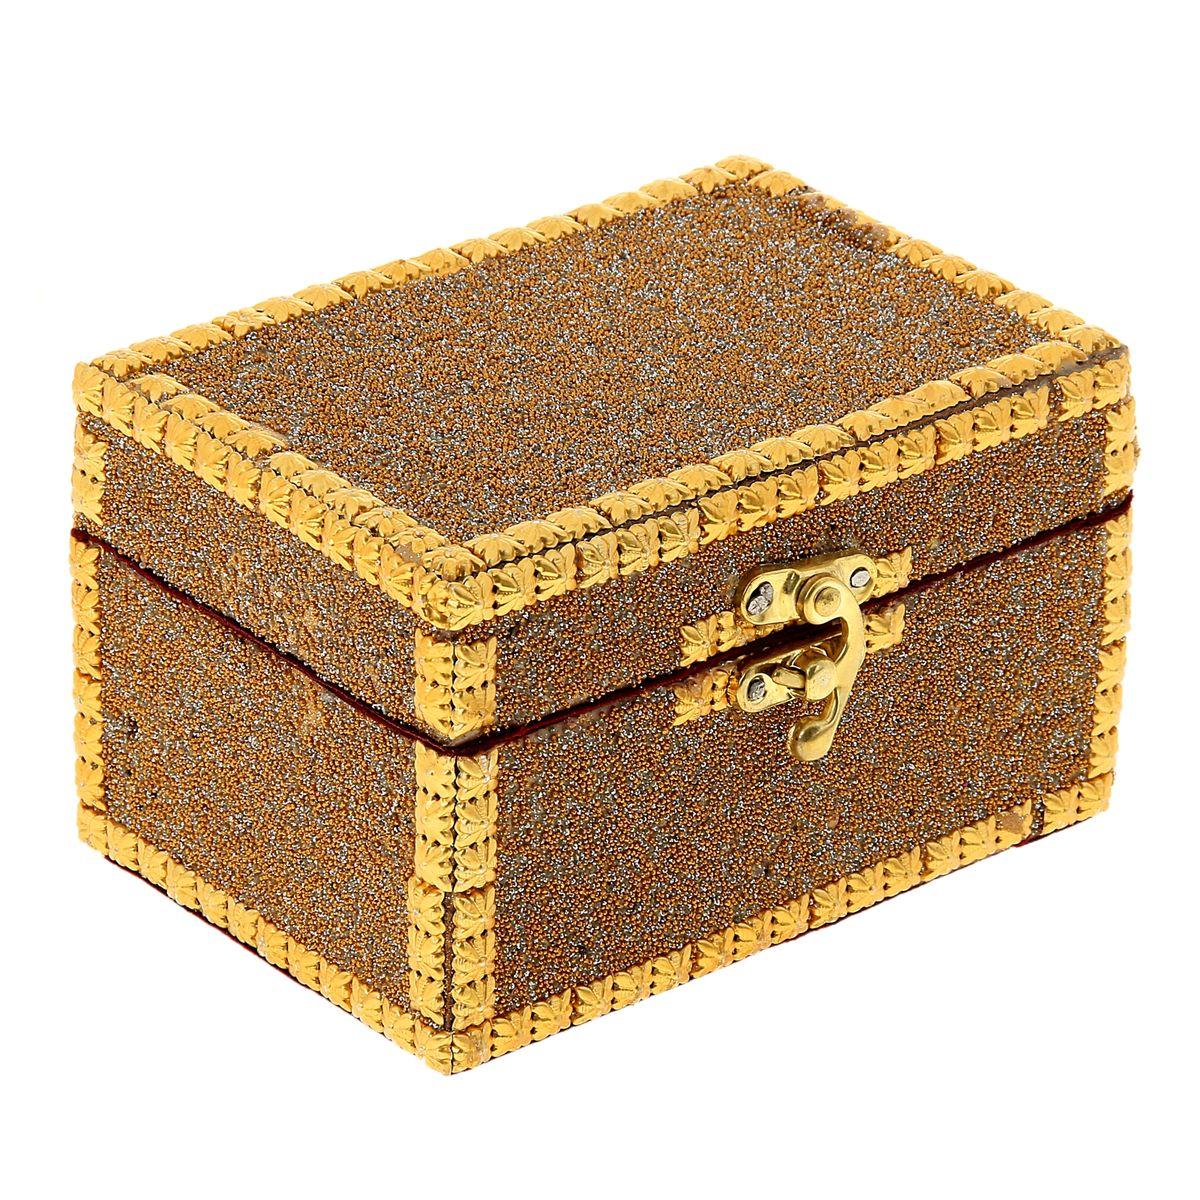 Шкатулка Sima-land Инкрустированная, 14,5 см х 10 см х 9 см847362Шкатулка Sima-land Инкрустированная изготовлена из МДФ и металла. Шкатулка имеет одно отделение, обитое тканью, и замок. Такая шкатулка - не простой сувенир. Ее функция не только декоративная, но и сугубо практическая - служить удобным и надежным местом для хранения самых разных мелочей. Разумеется, особо неравнодушны к этим элегантным предметам интерьера женщины. Мастерицы кладут в шкатулки швейные и рукодельные принадлежности. Модницы и светские львицы - любимые украшения и аксессуары. И, конечно, многие представительницы прекрасного пола хранят в шкатулках, убранных в укромный уголок, какие-то памятные знаки: фотографии, старые письма, сувениры, напоминающие о важных событиях и особо счастливых моментах, сухие лепестки роз и другие небольшие сокровища.